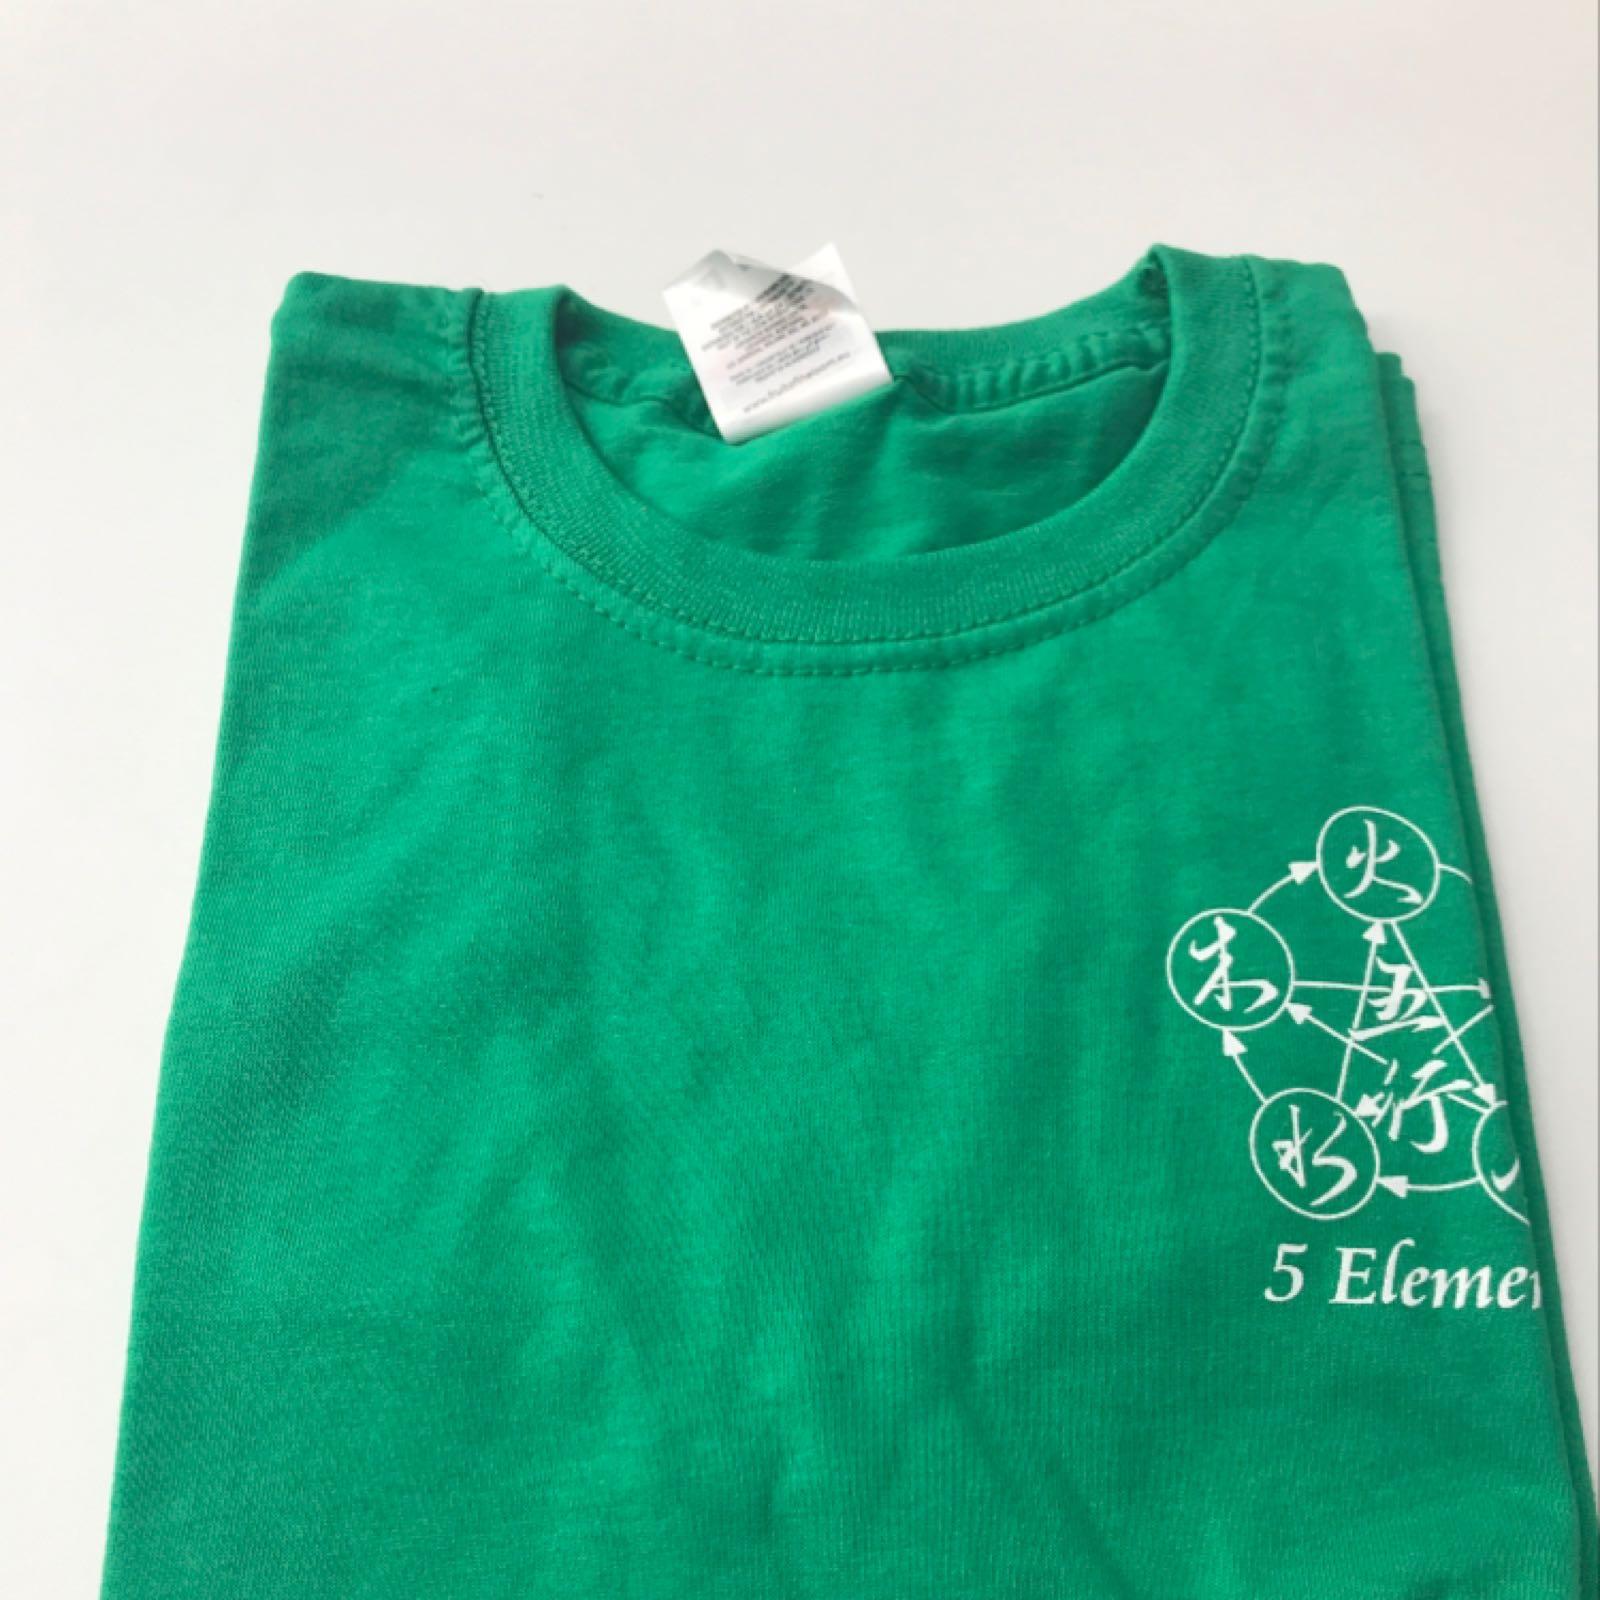 Little Dragons Uniform T-shirt